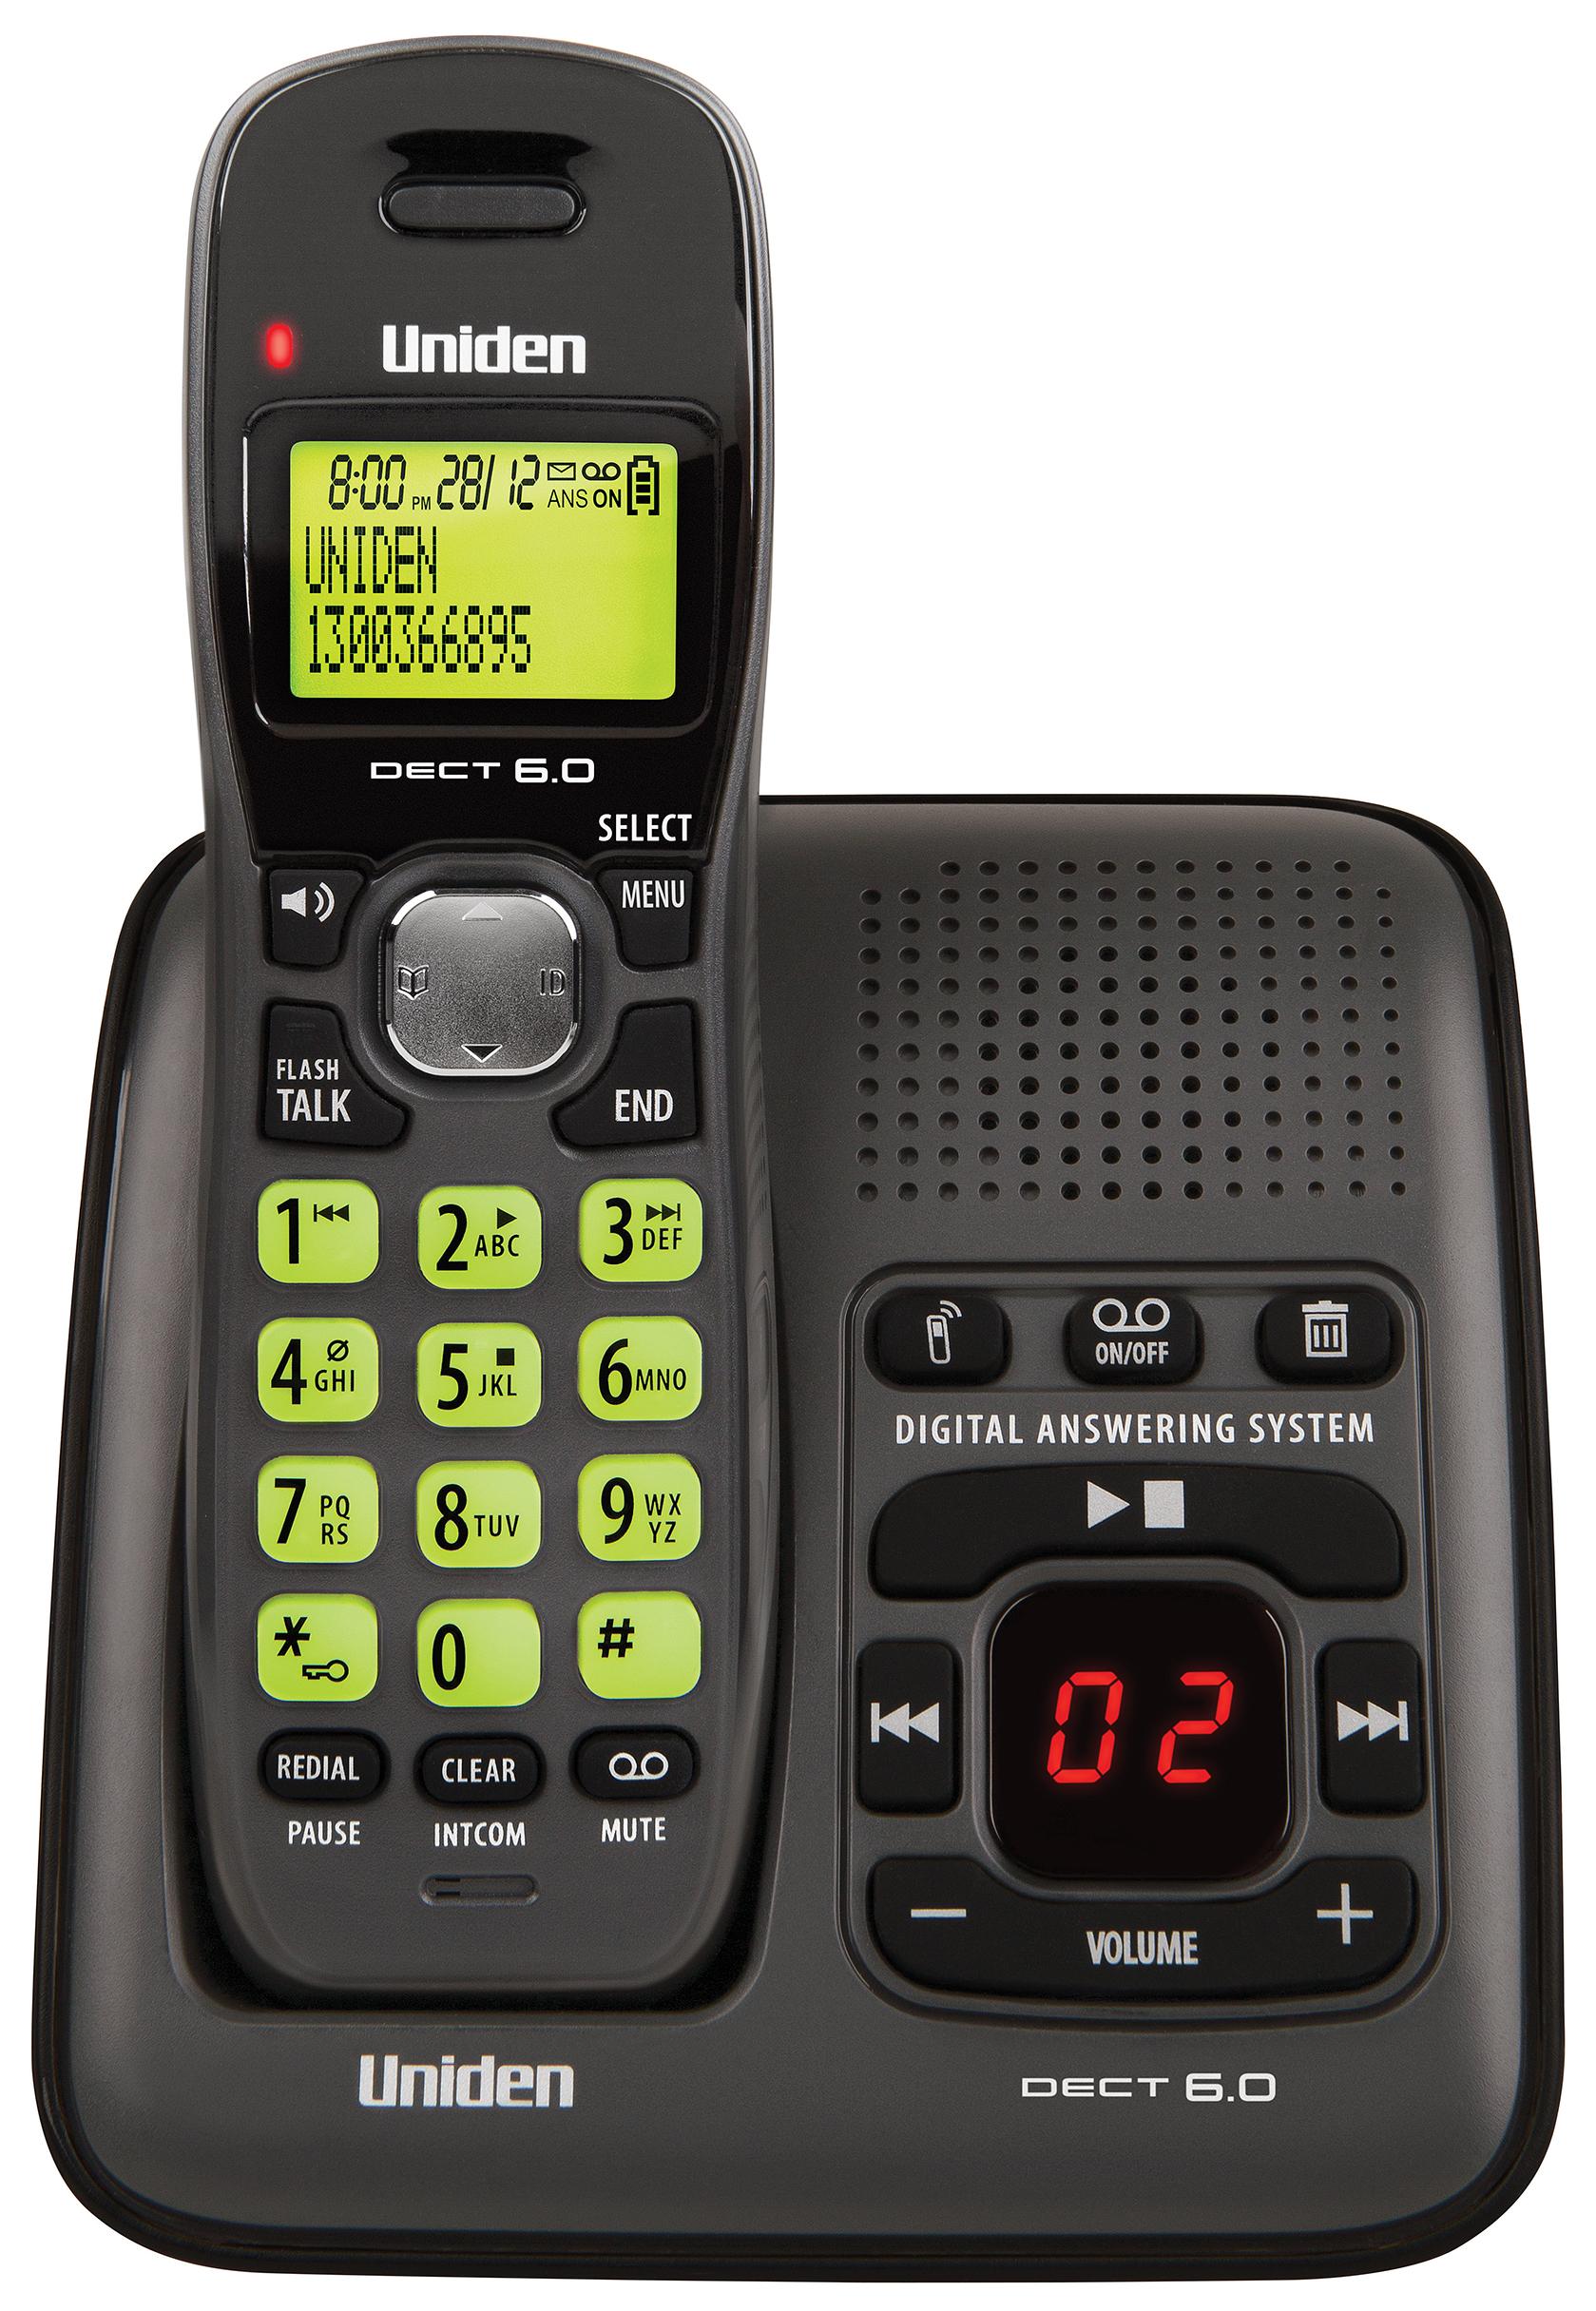 dect 1635 1 uniden rh uniden com au Uniden-DECT 6.0 Problems Uniden Phone 6 0 User Manual